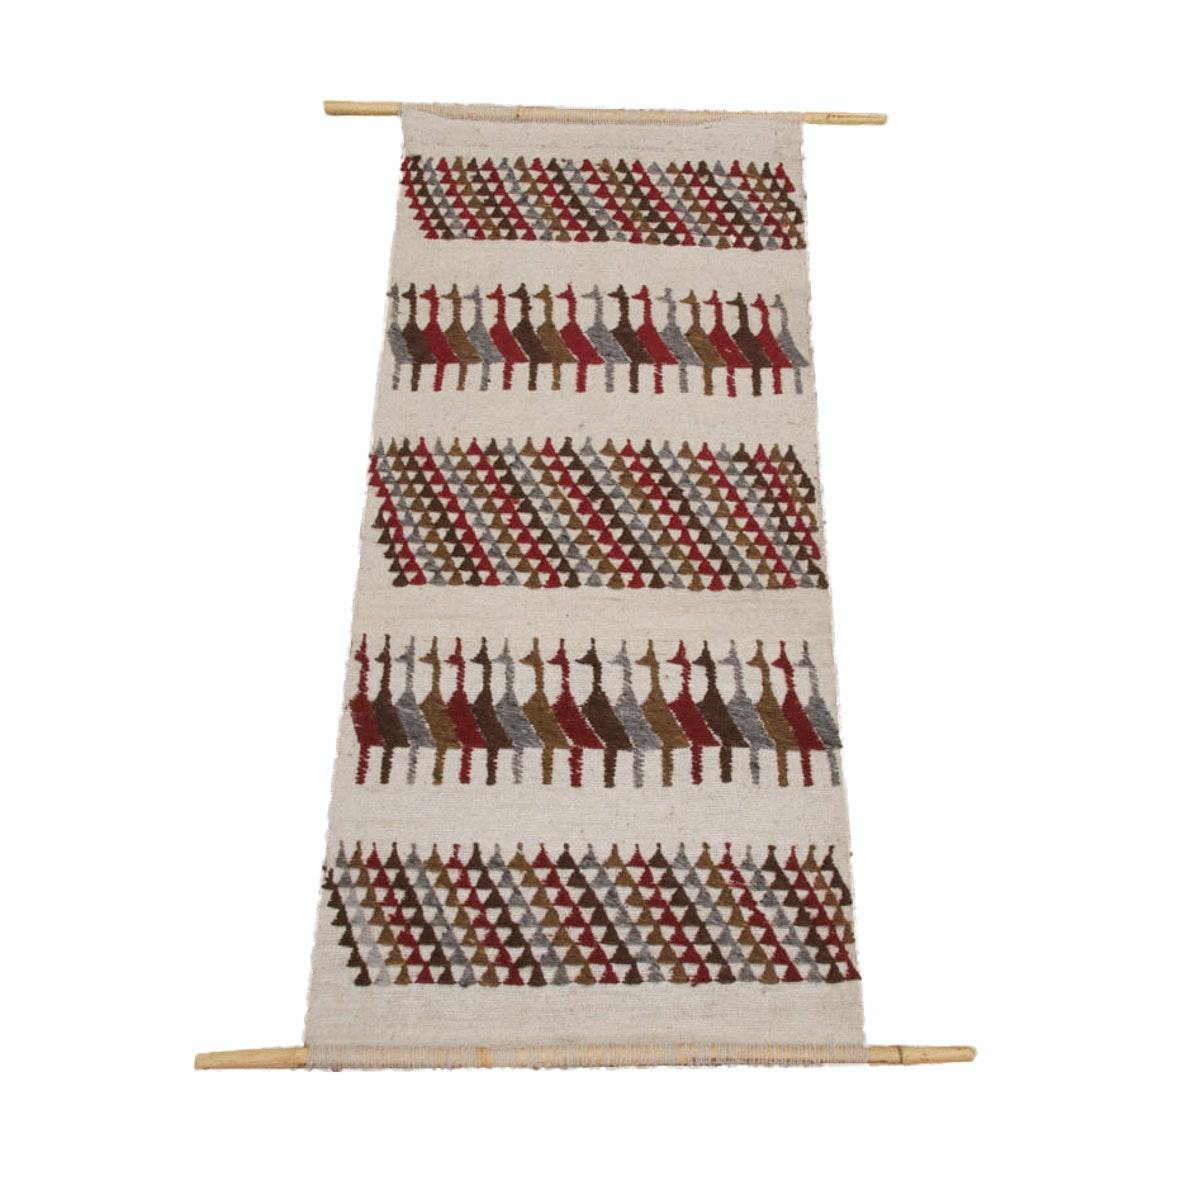 Handwoven Mexican Textile